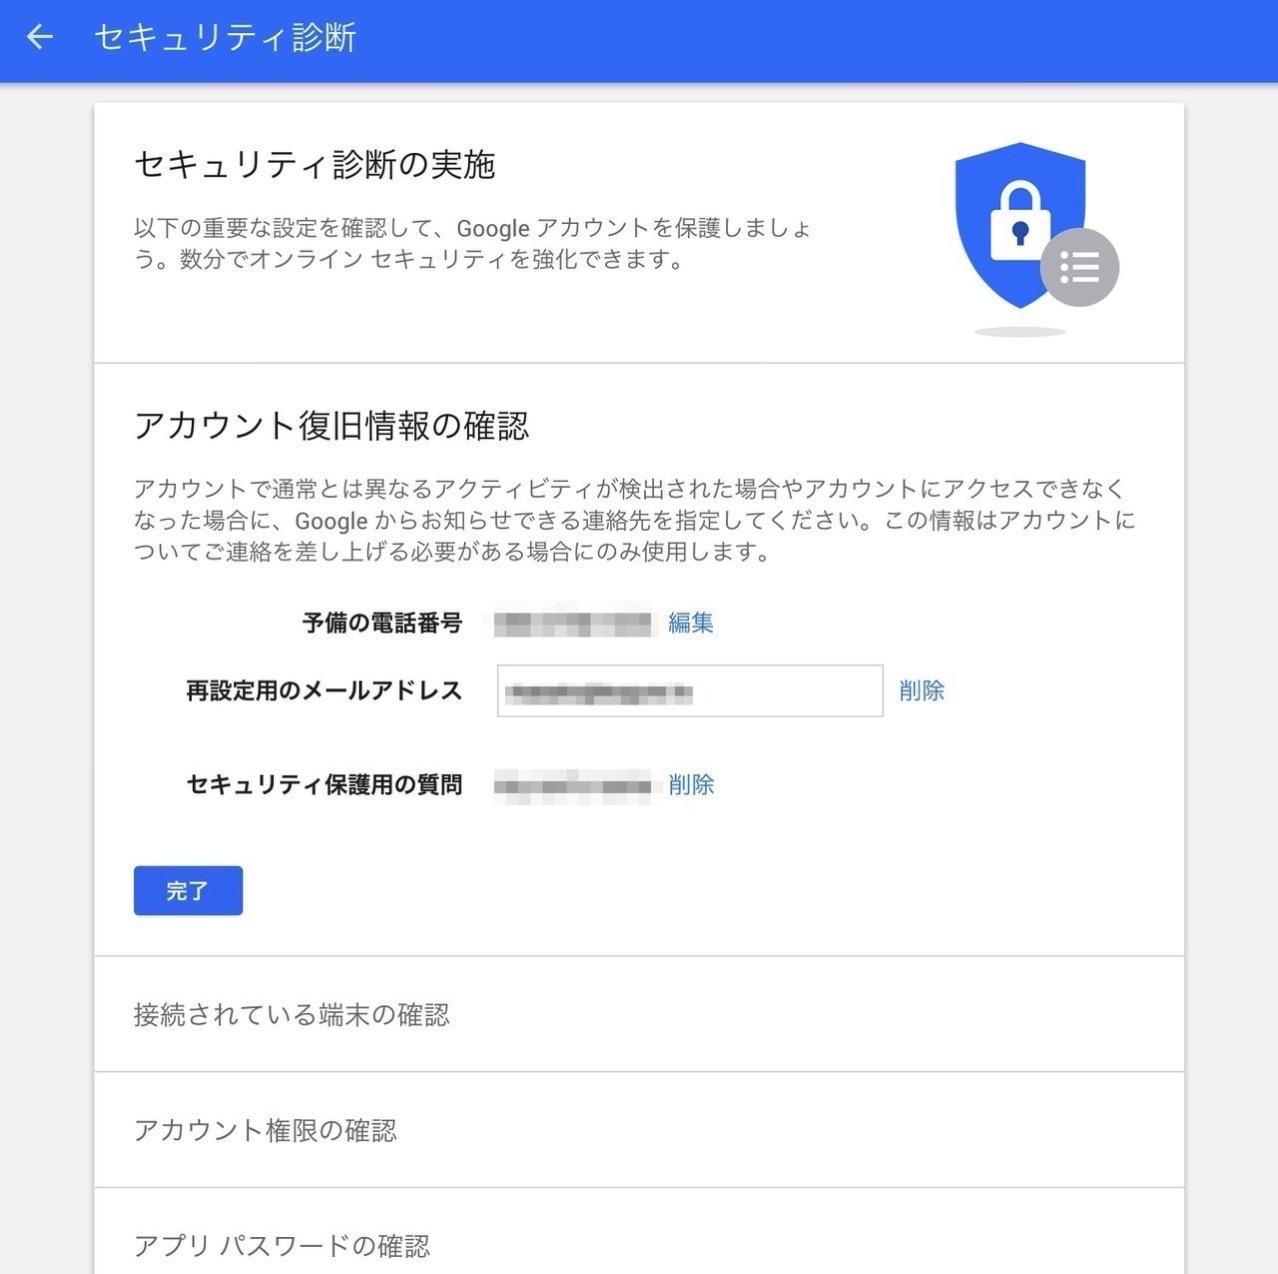 「Google」2分でできるセキュリティ診断でGoogleドライブに2GBをプレゼント